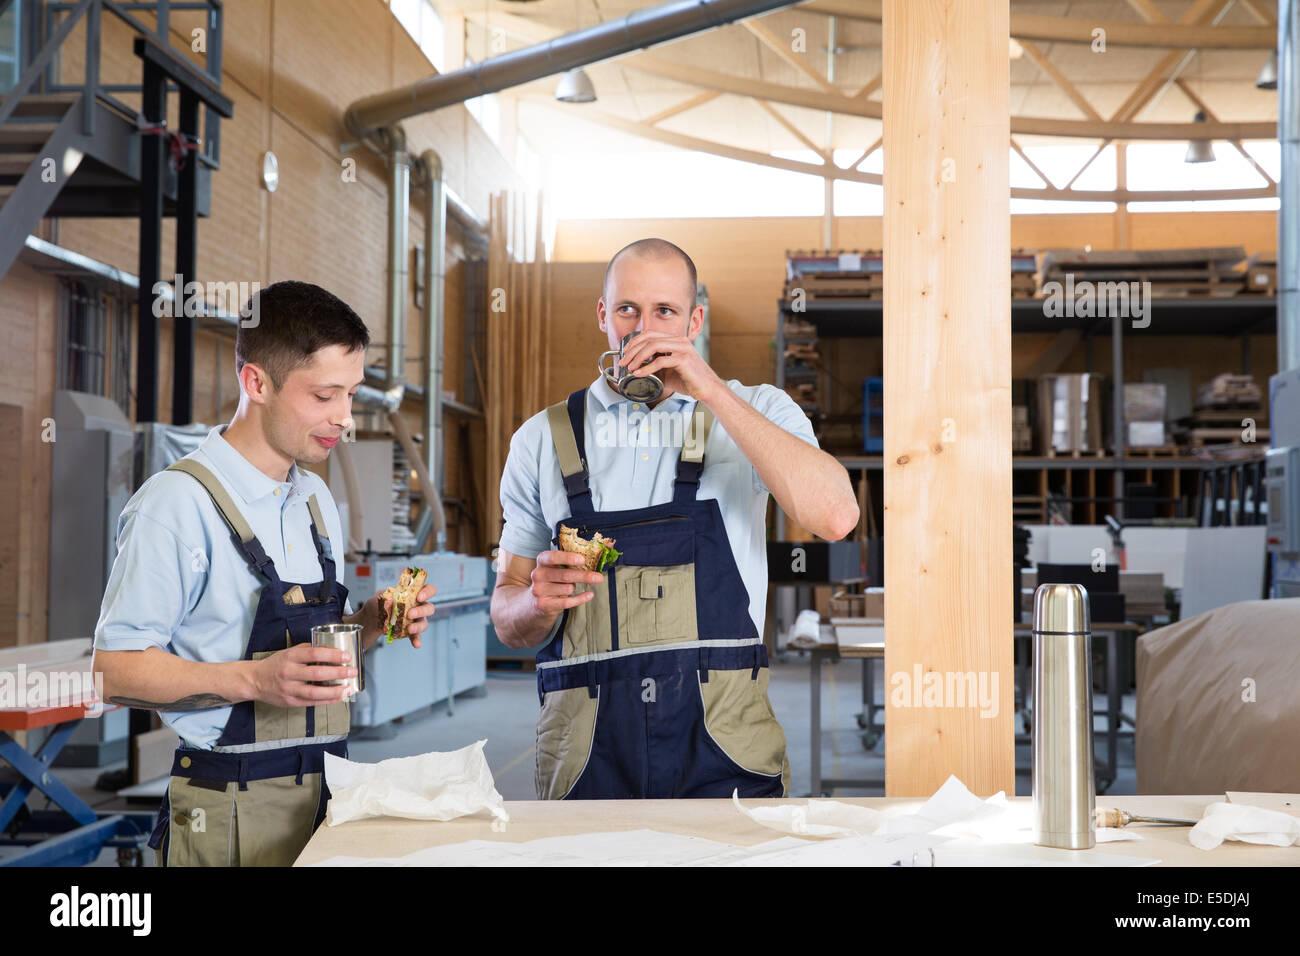 Handwerker in Werkstatt mit Frühstückspause Stockbild